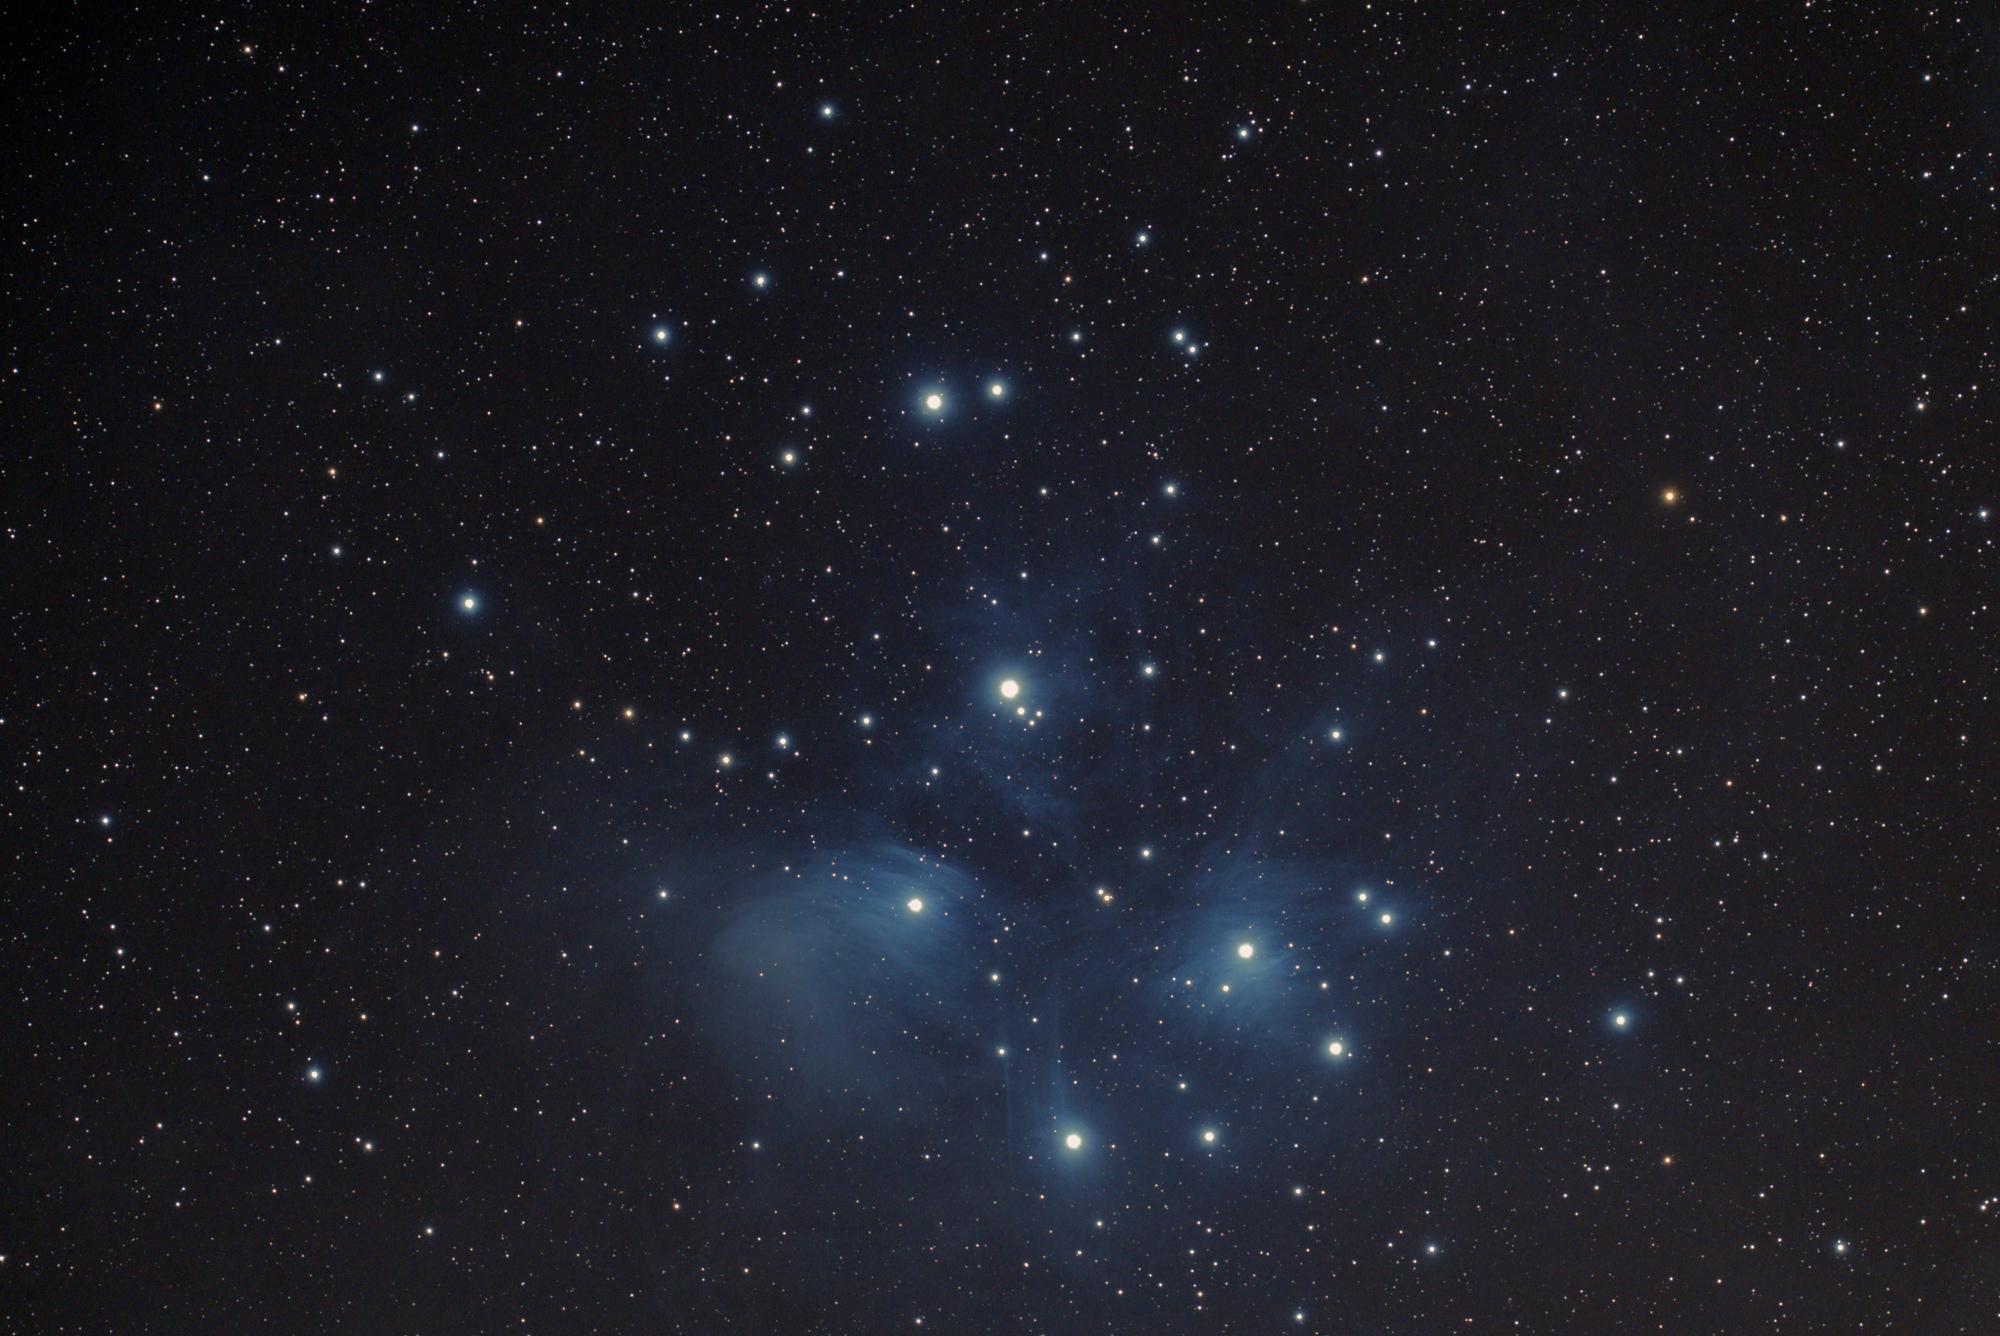 pleiades2.thumb.jpg.85c2780b04f793c5c4ec6dad01e462c2.jpg